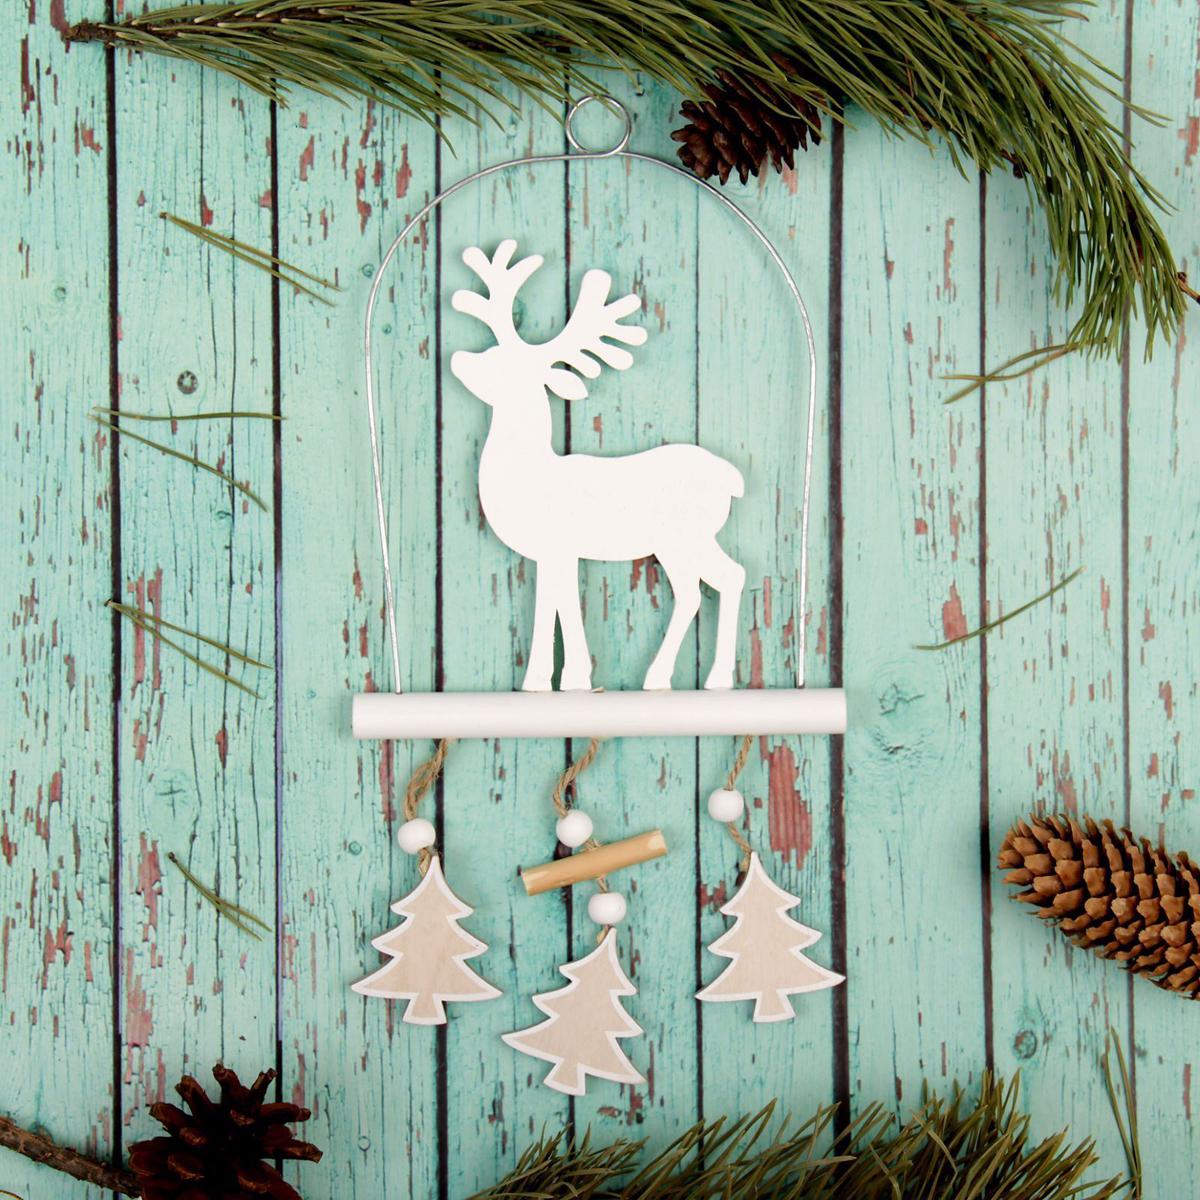 Новогоднее подвесное украшение Sima-land Олень, 17,5 х 13,5 см новогоднее подвесное украшение sima land варежки матрешка синяя